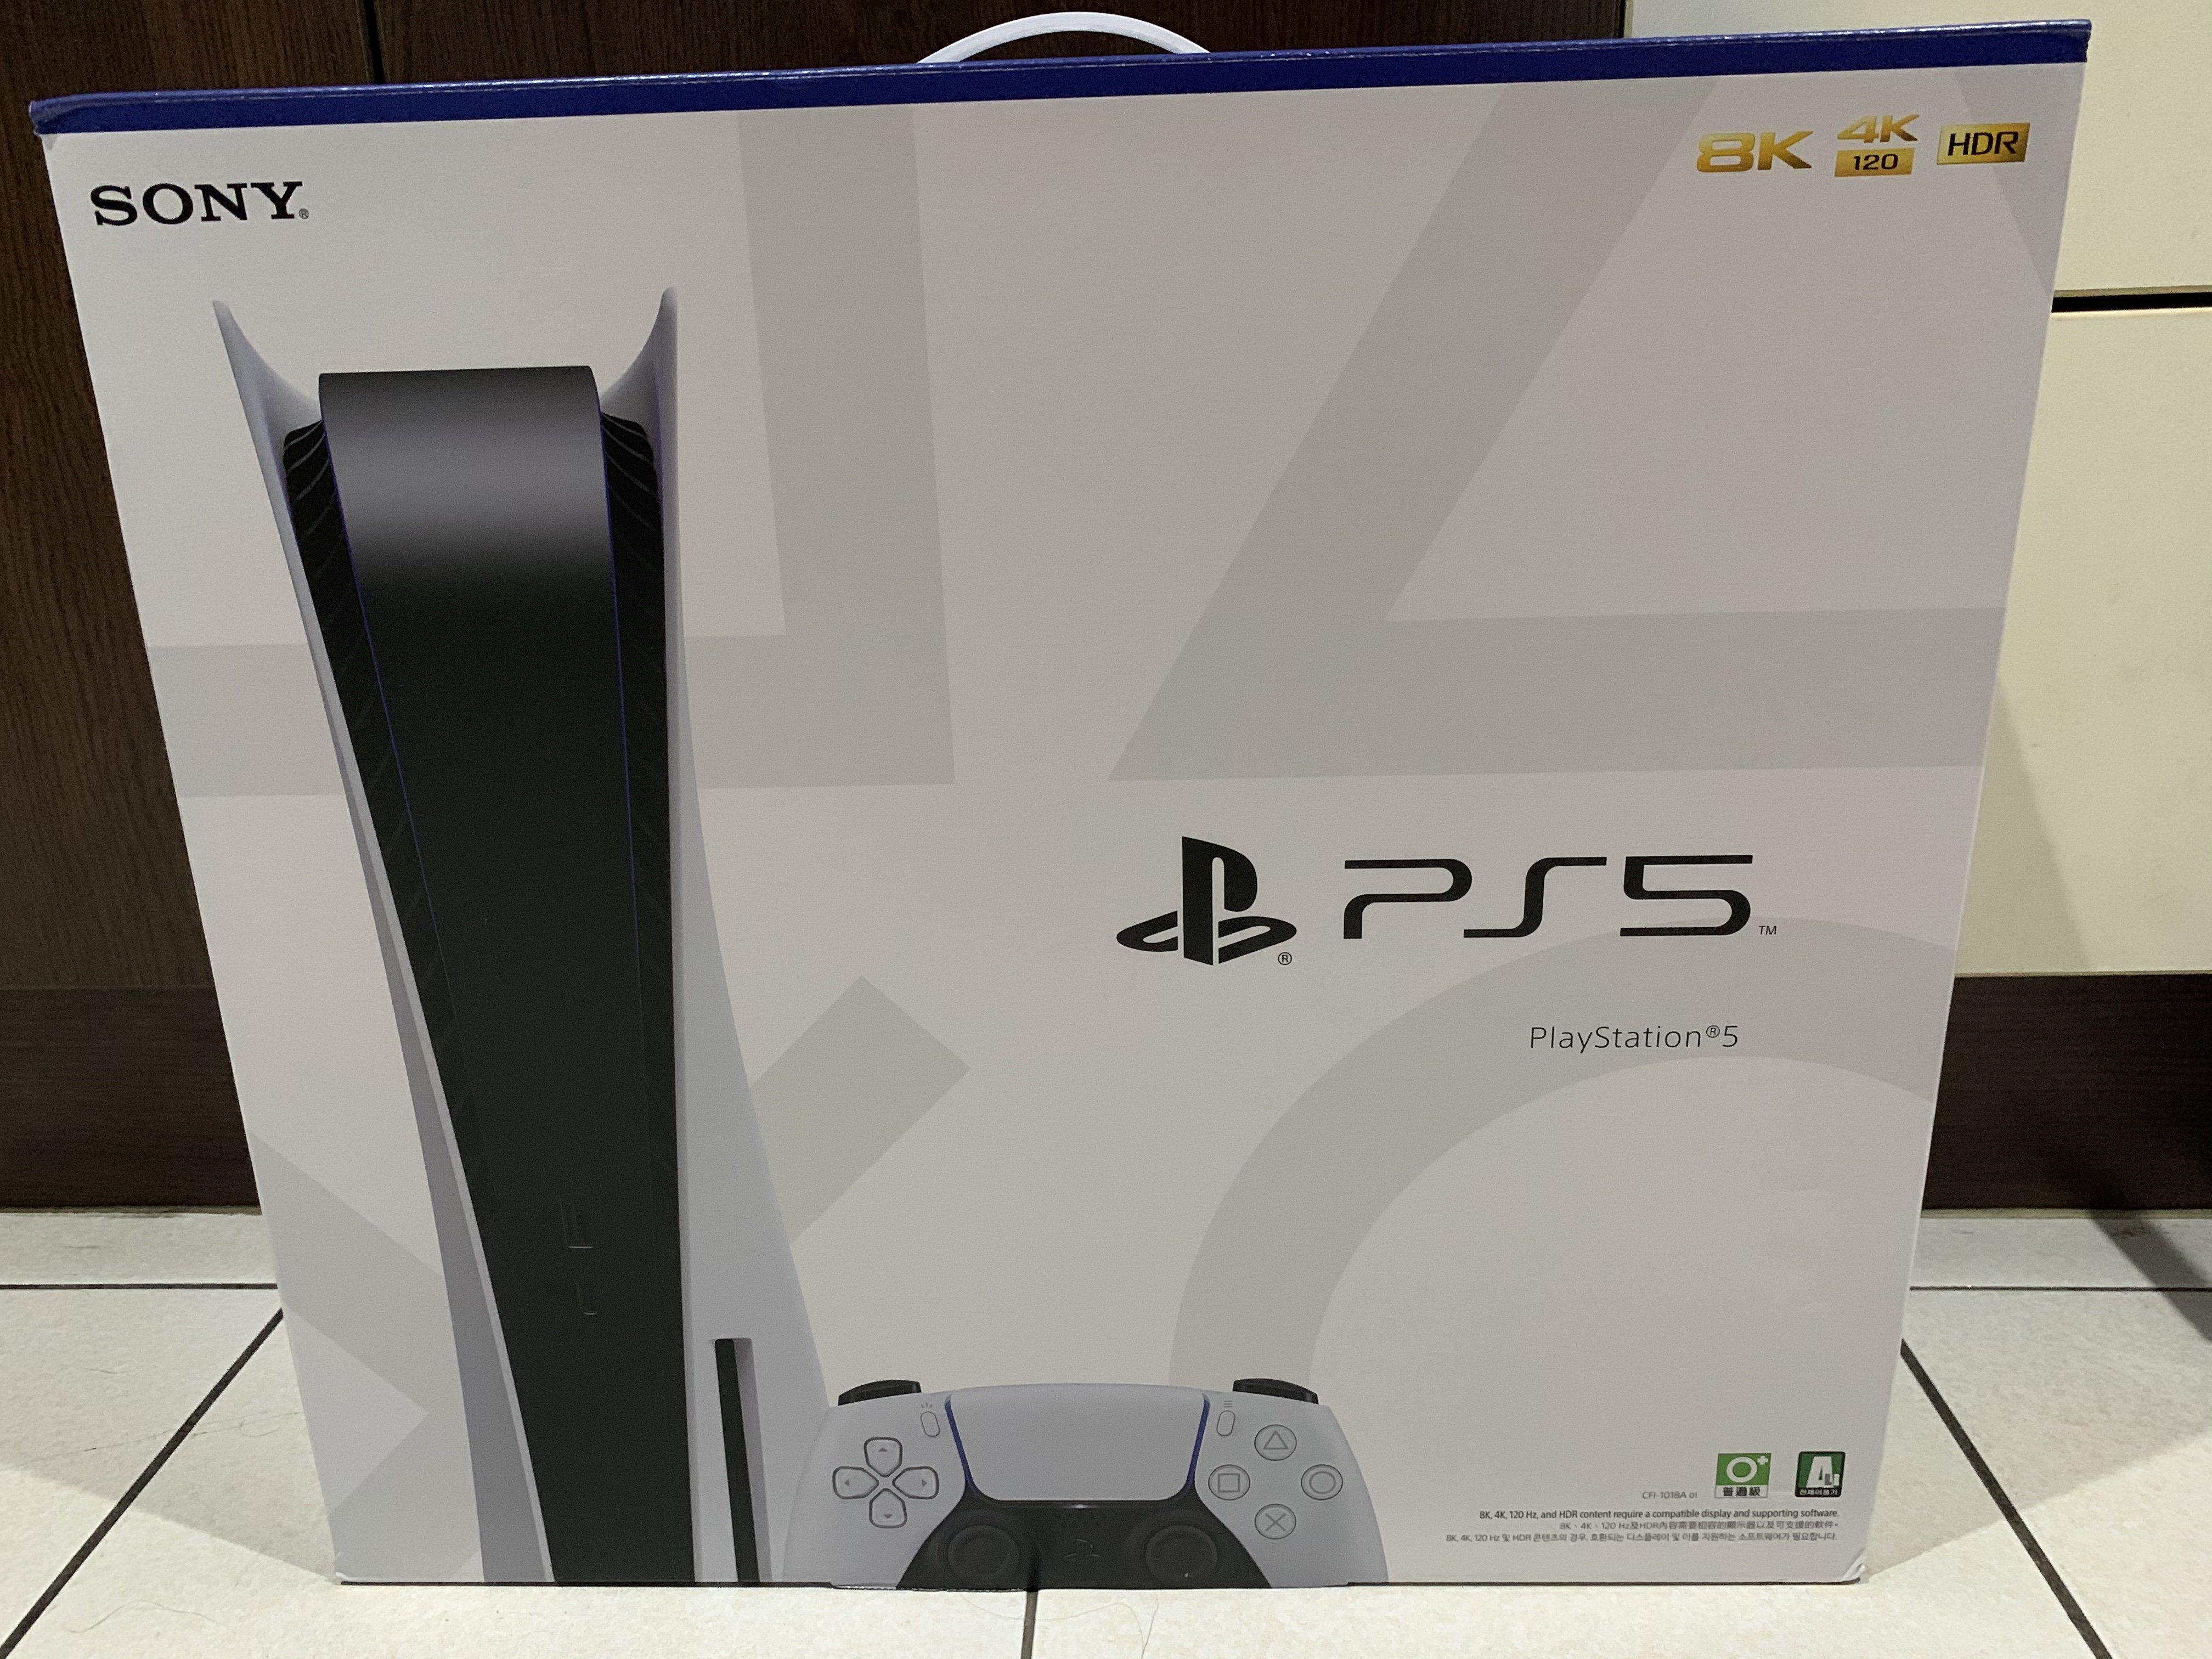 7/26(有發票)現貨不用等✨高雄面交🎄PS5 主機 光碟版 PlayStation 5光碟✨台灣公司貨